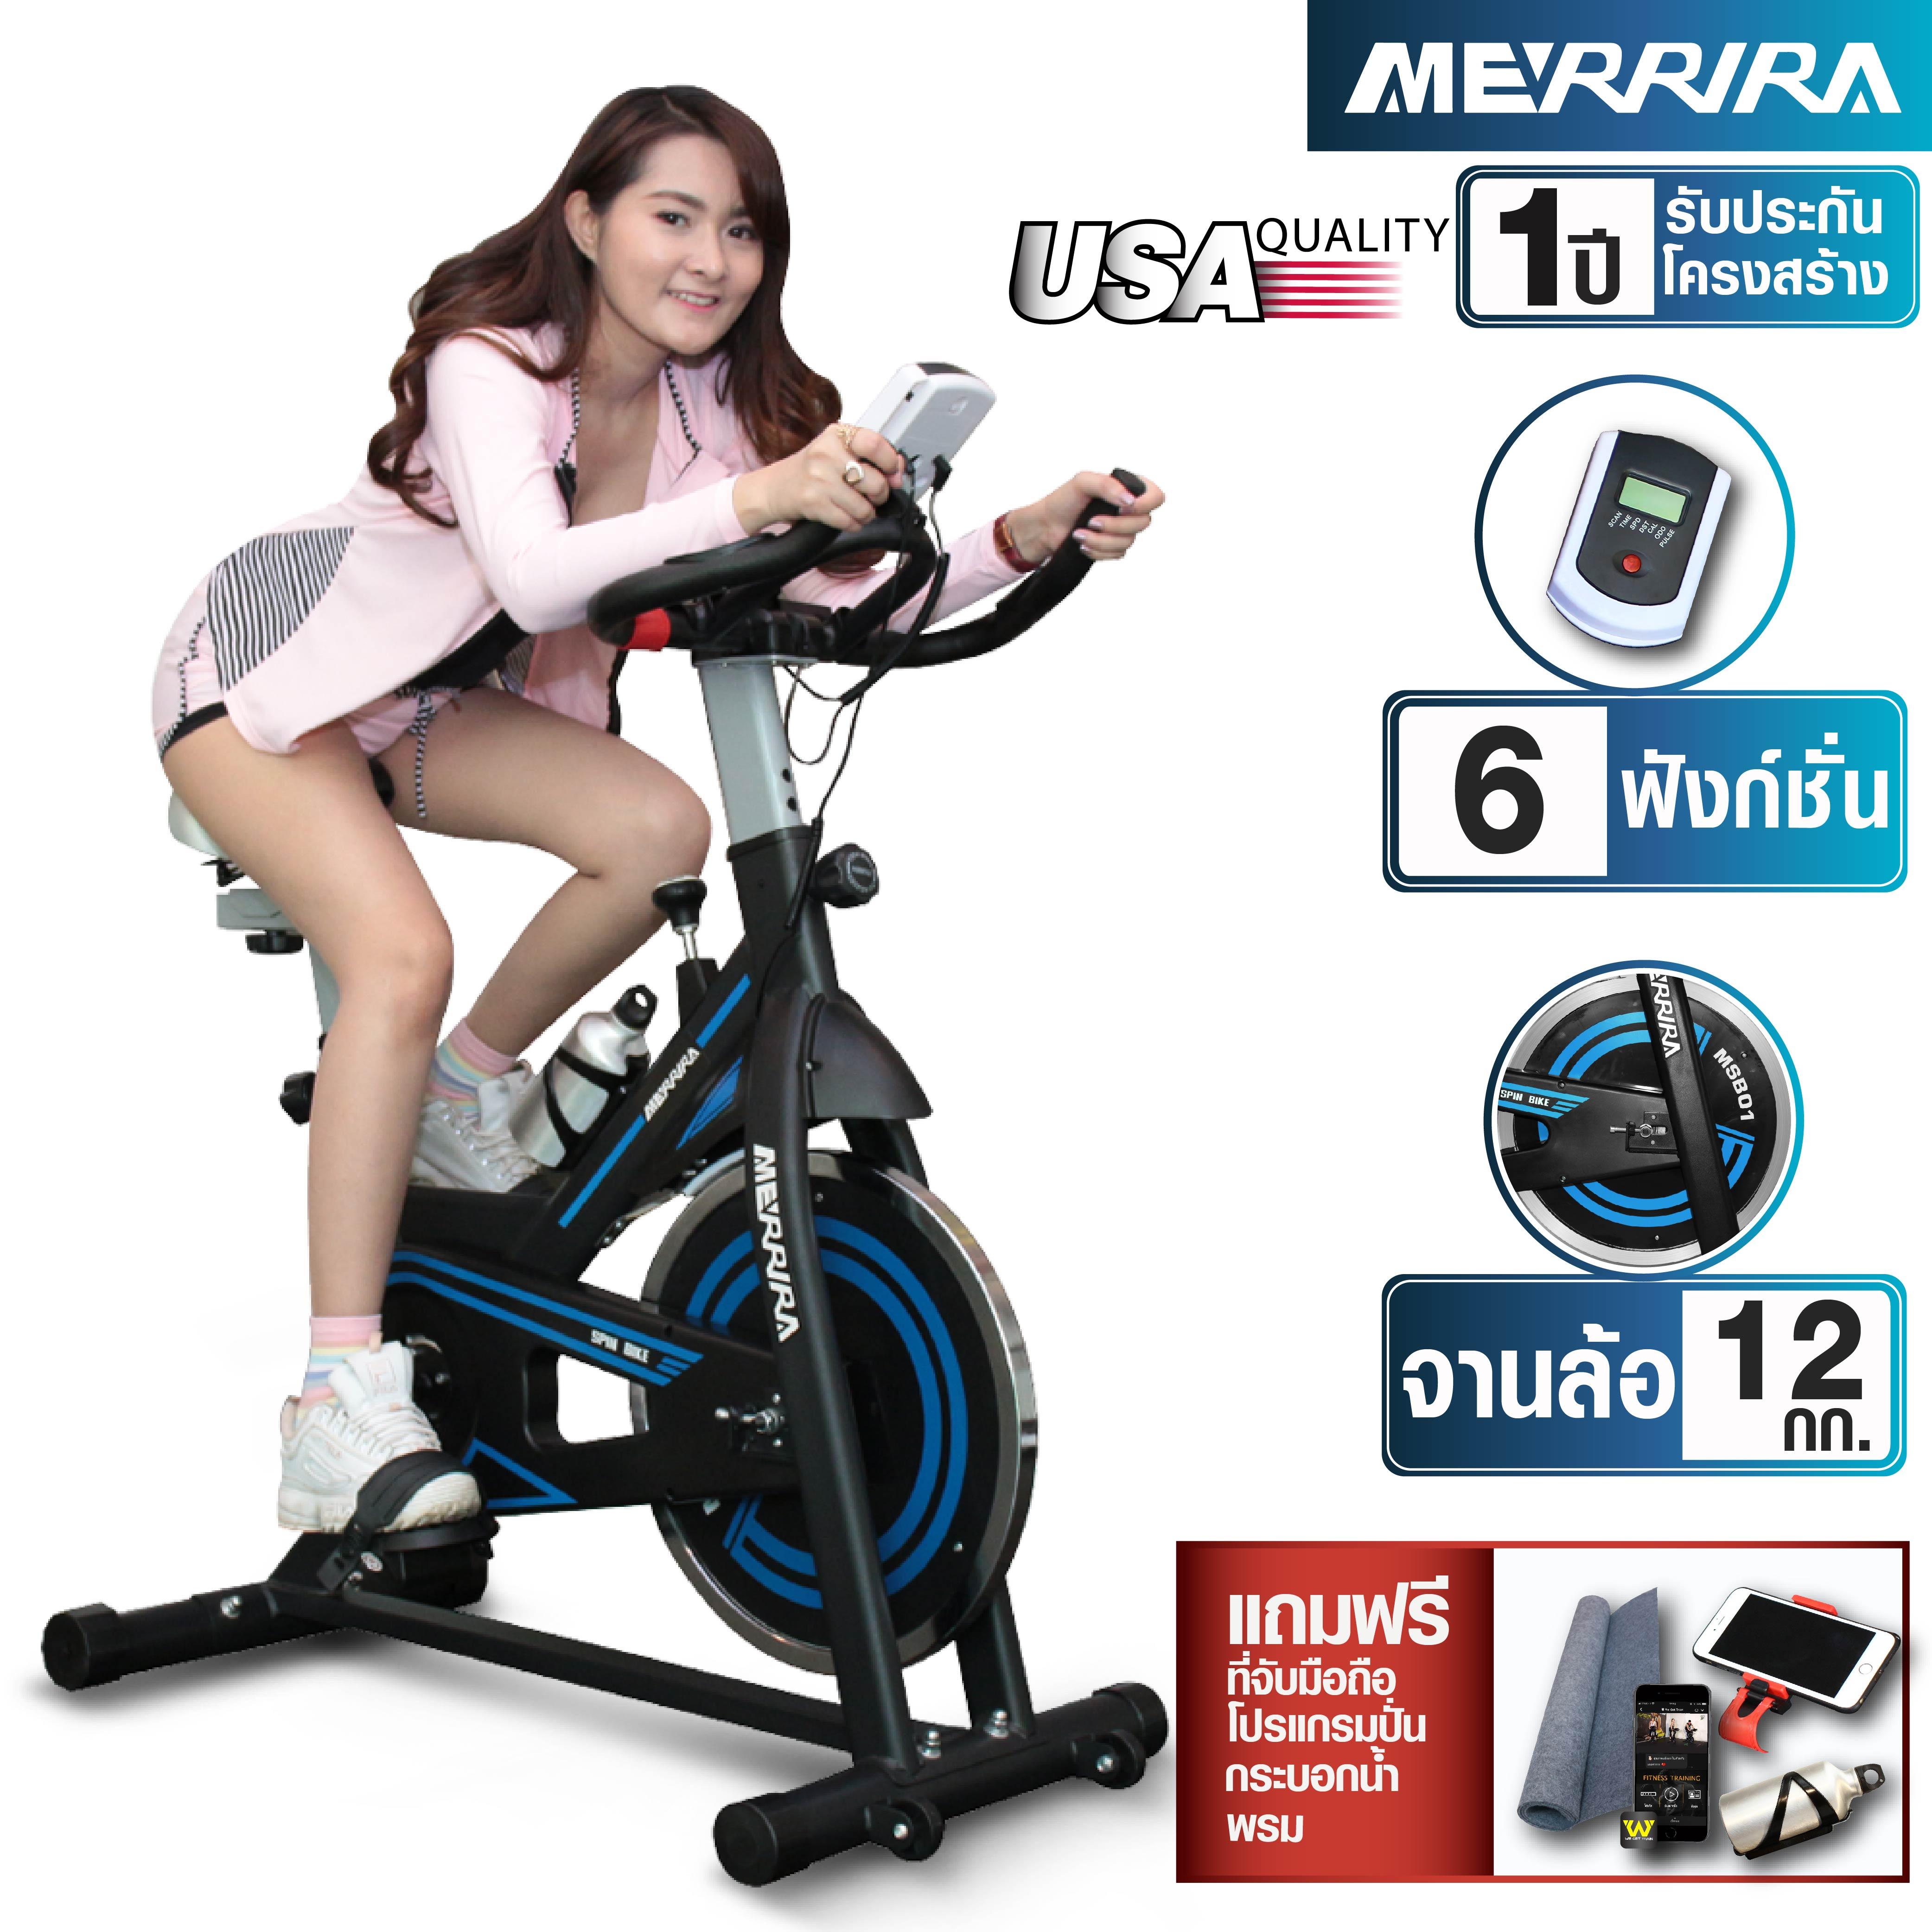 Merrira จักรยานออกกำลังกาย รุ่น Msb01 จักรยาน Spin Bike จักรยานฟิตเนส เครื่องปั่นจักรยาน เครื่องออกกำลังกายจักรยาน ที่ปั่นจักรยาน Exercise Bike.